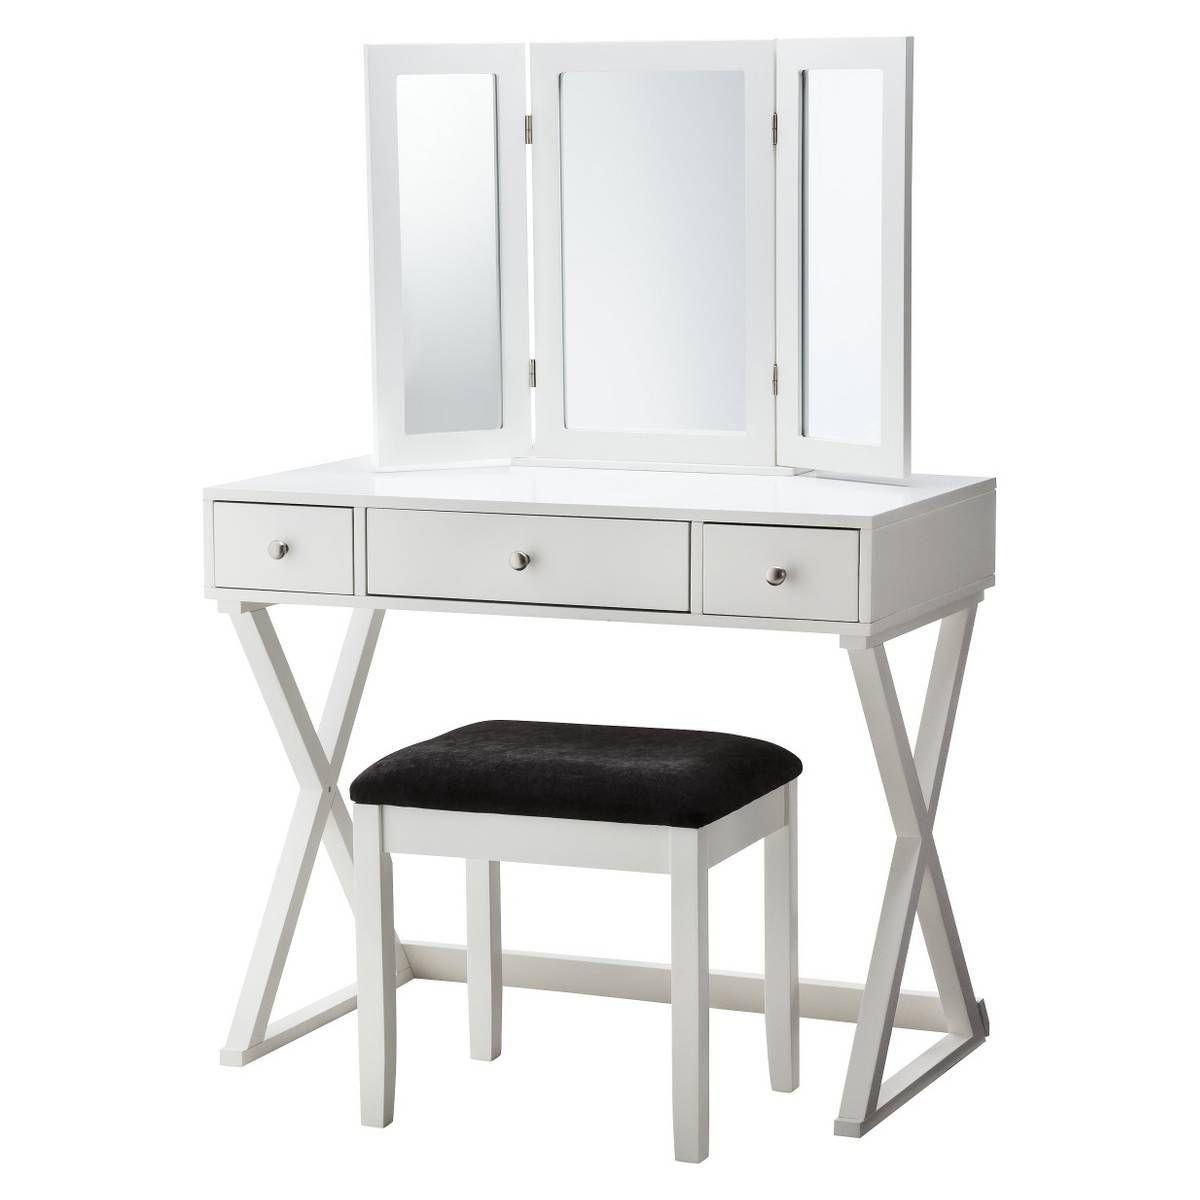 x base vanity set linon stuff to buy vanity set vanity rh pinterest com